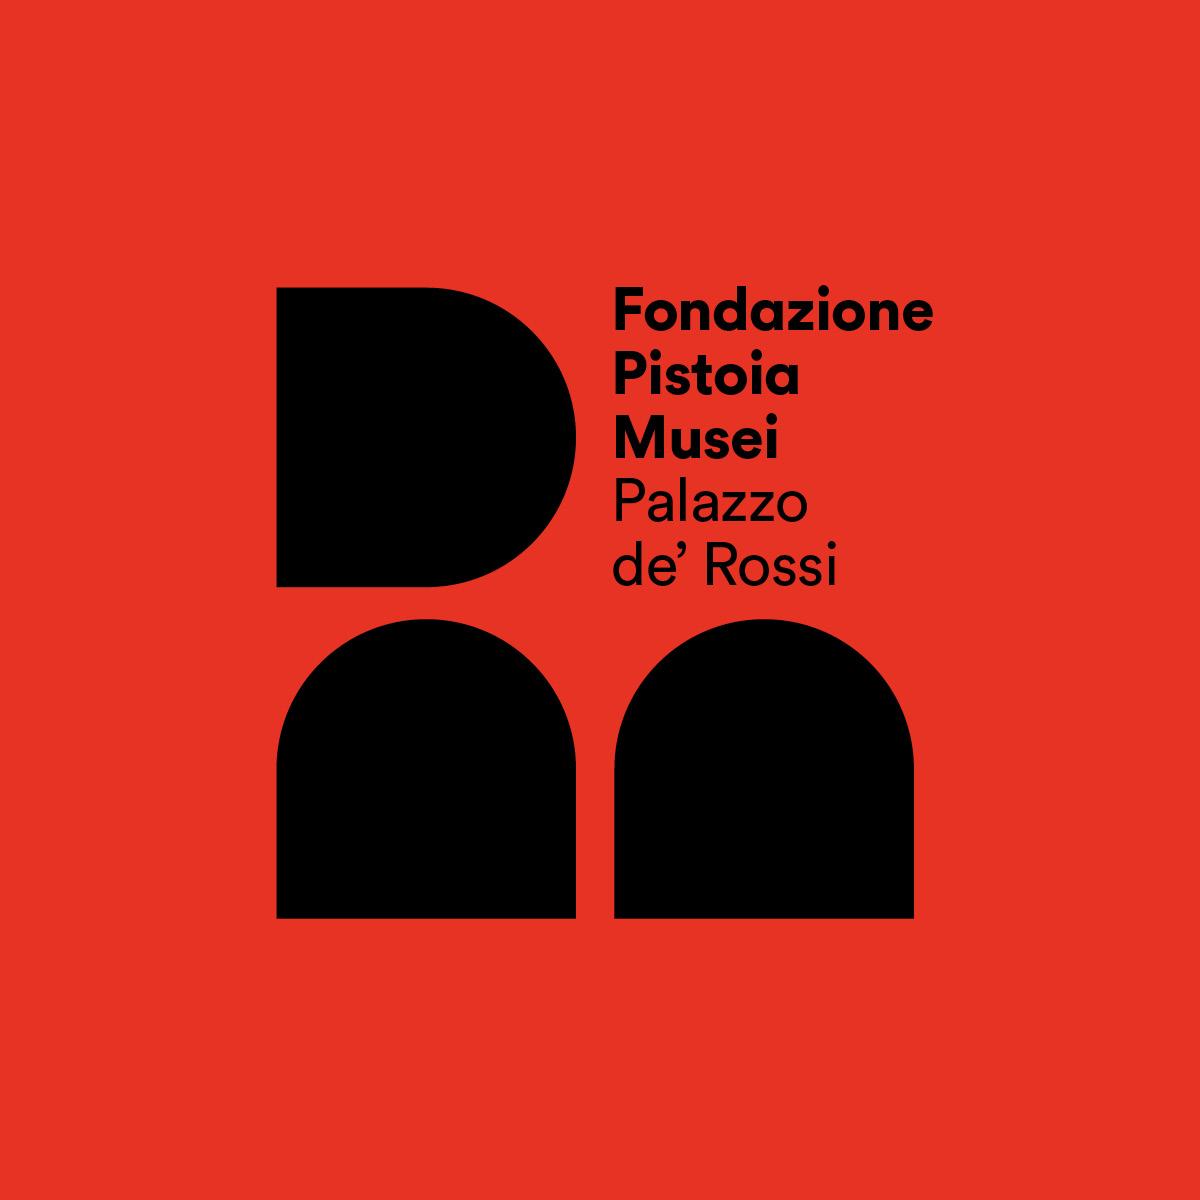 Fondazione-Pistoia-Musei-003